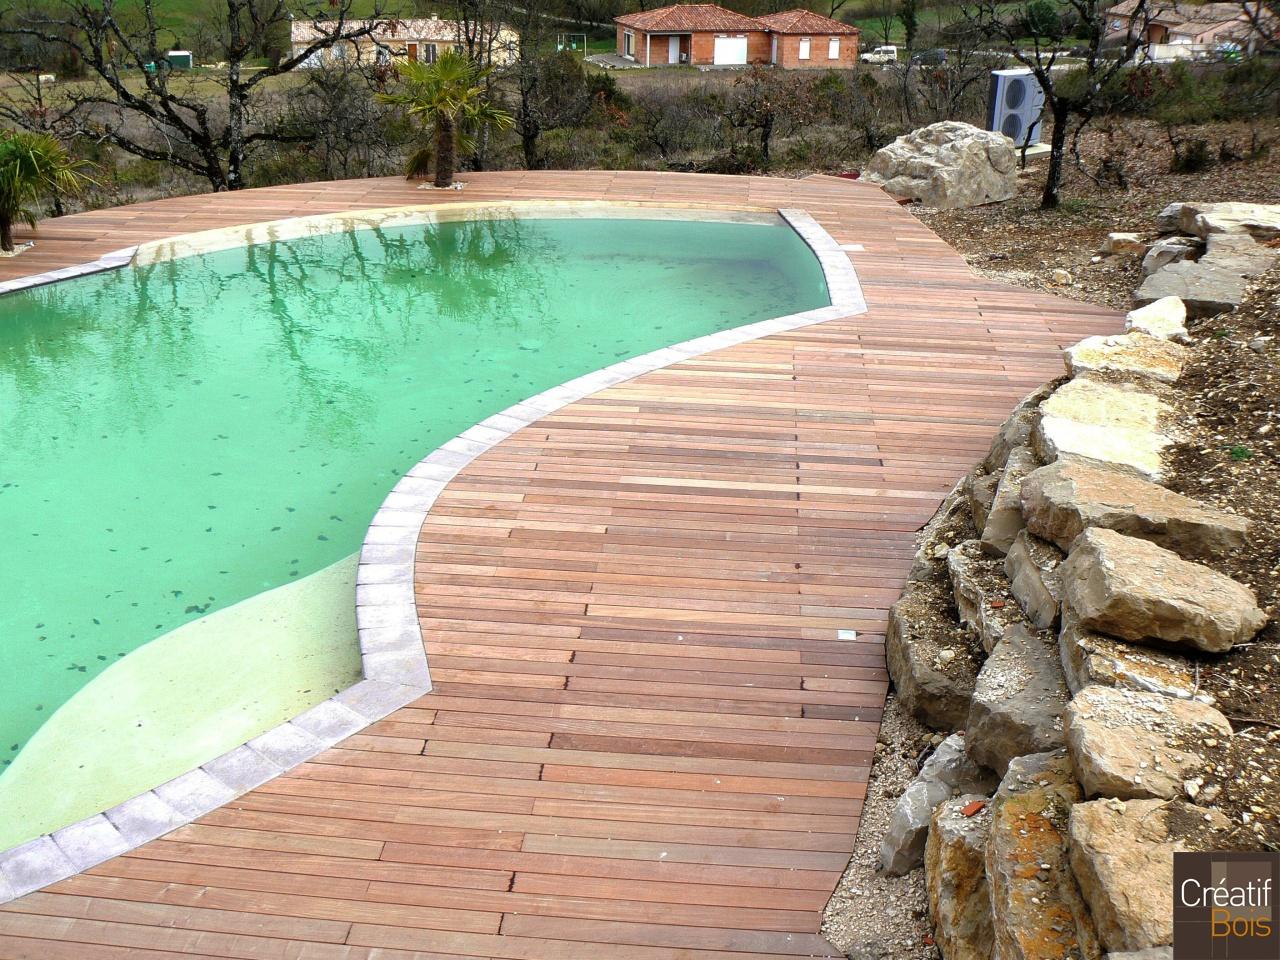 plage de piscine cahors lot 46 plages de piscine. Black Bedroom Furniture Sets. Home Design Ideas